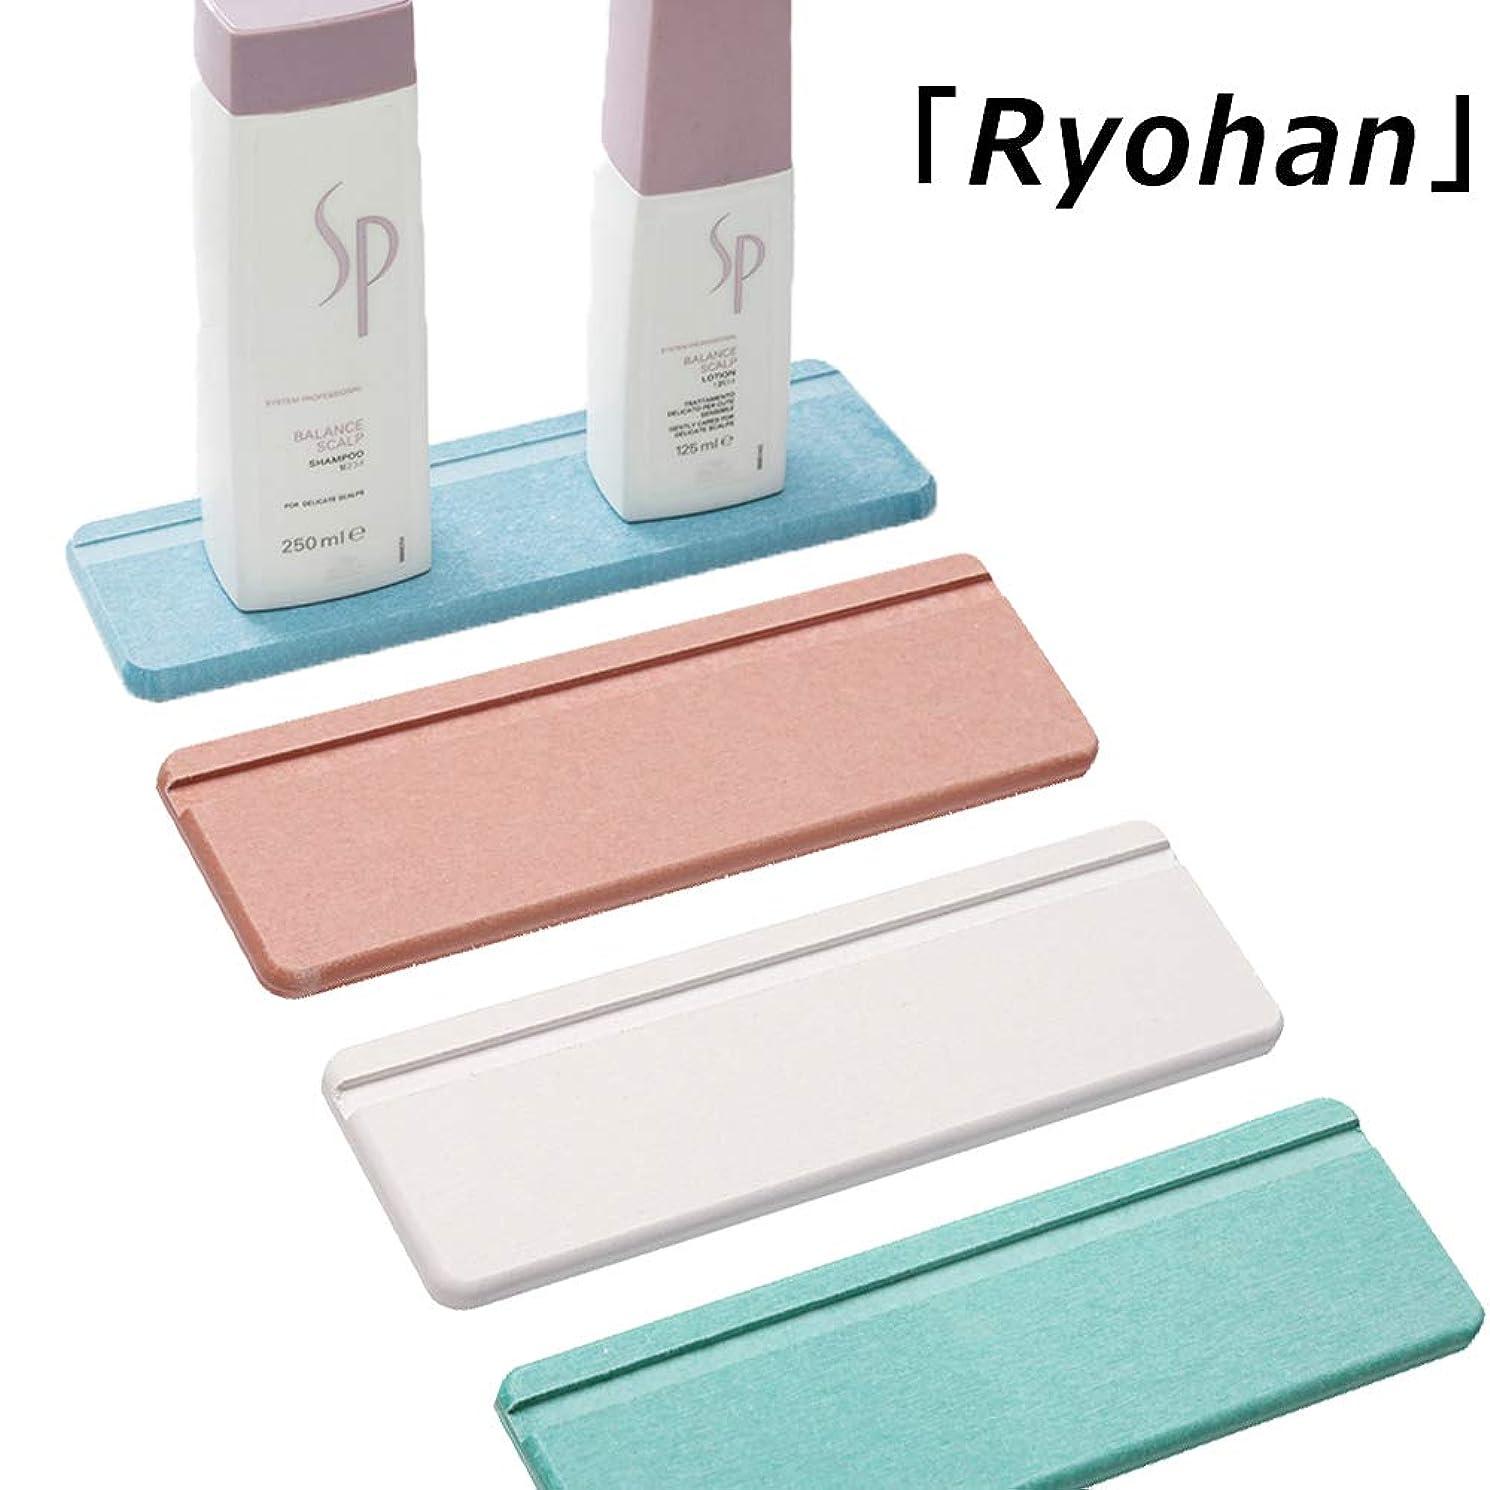 悲観的サーカス読みやすい「Ryohan」珪藻土トレイ 石鹸置き 入浴用品トレイ 速乾 吸水性 (ホワイト)